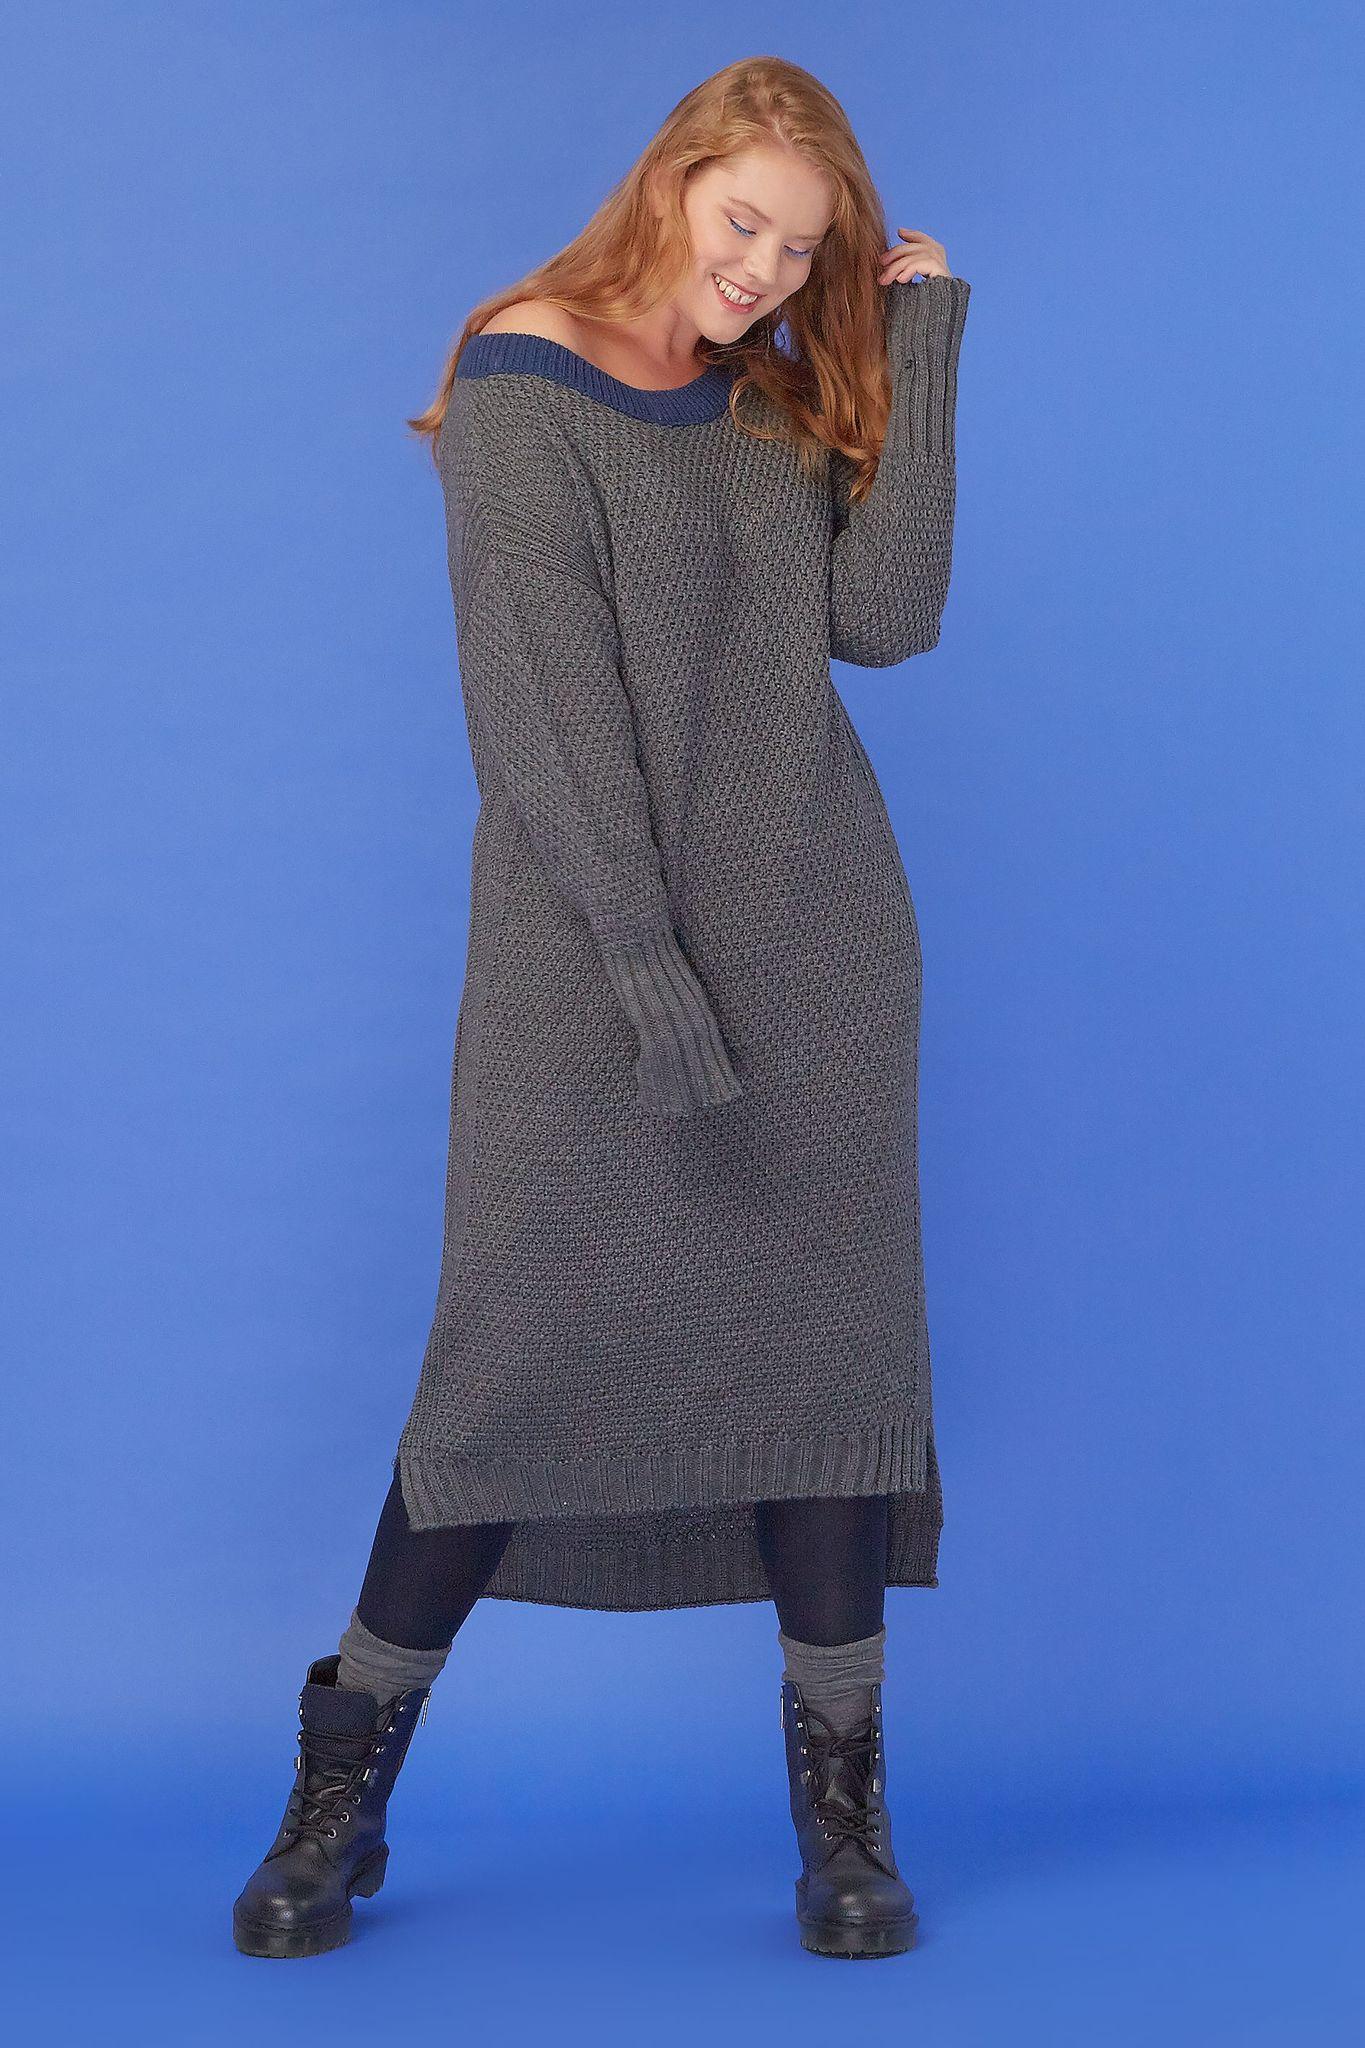 Вязаное платье LE-08 D01 06 КНовинки<br>Чем обязательно нужно пополнить гардероб в преддверии наступающих холодов? Конечно, вязаными вещами. И у нас для вас есть кое-что необычное! А конкретно — это платье. Крупная вязка, контрастные цвета -  посмотрите, как  сочетается синий и серый. Слегка удлинённые рукава, свободно в плечах. Можно чуть спустить и оголить плечо, можно спрятать ладони, если вдруг замёрзли. Рост модели на фото 179 см, размер - 52 российский<br>